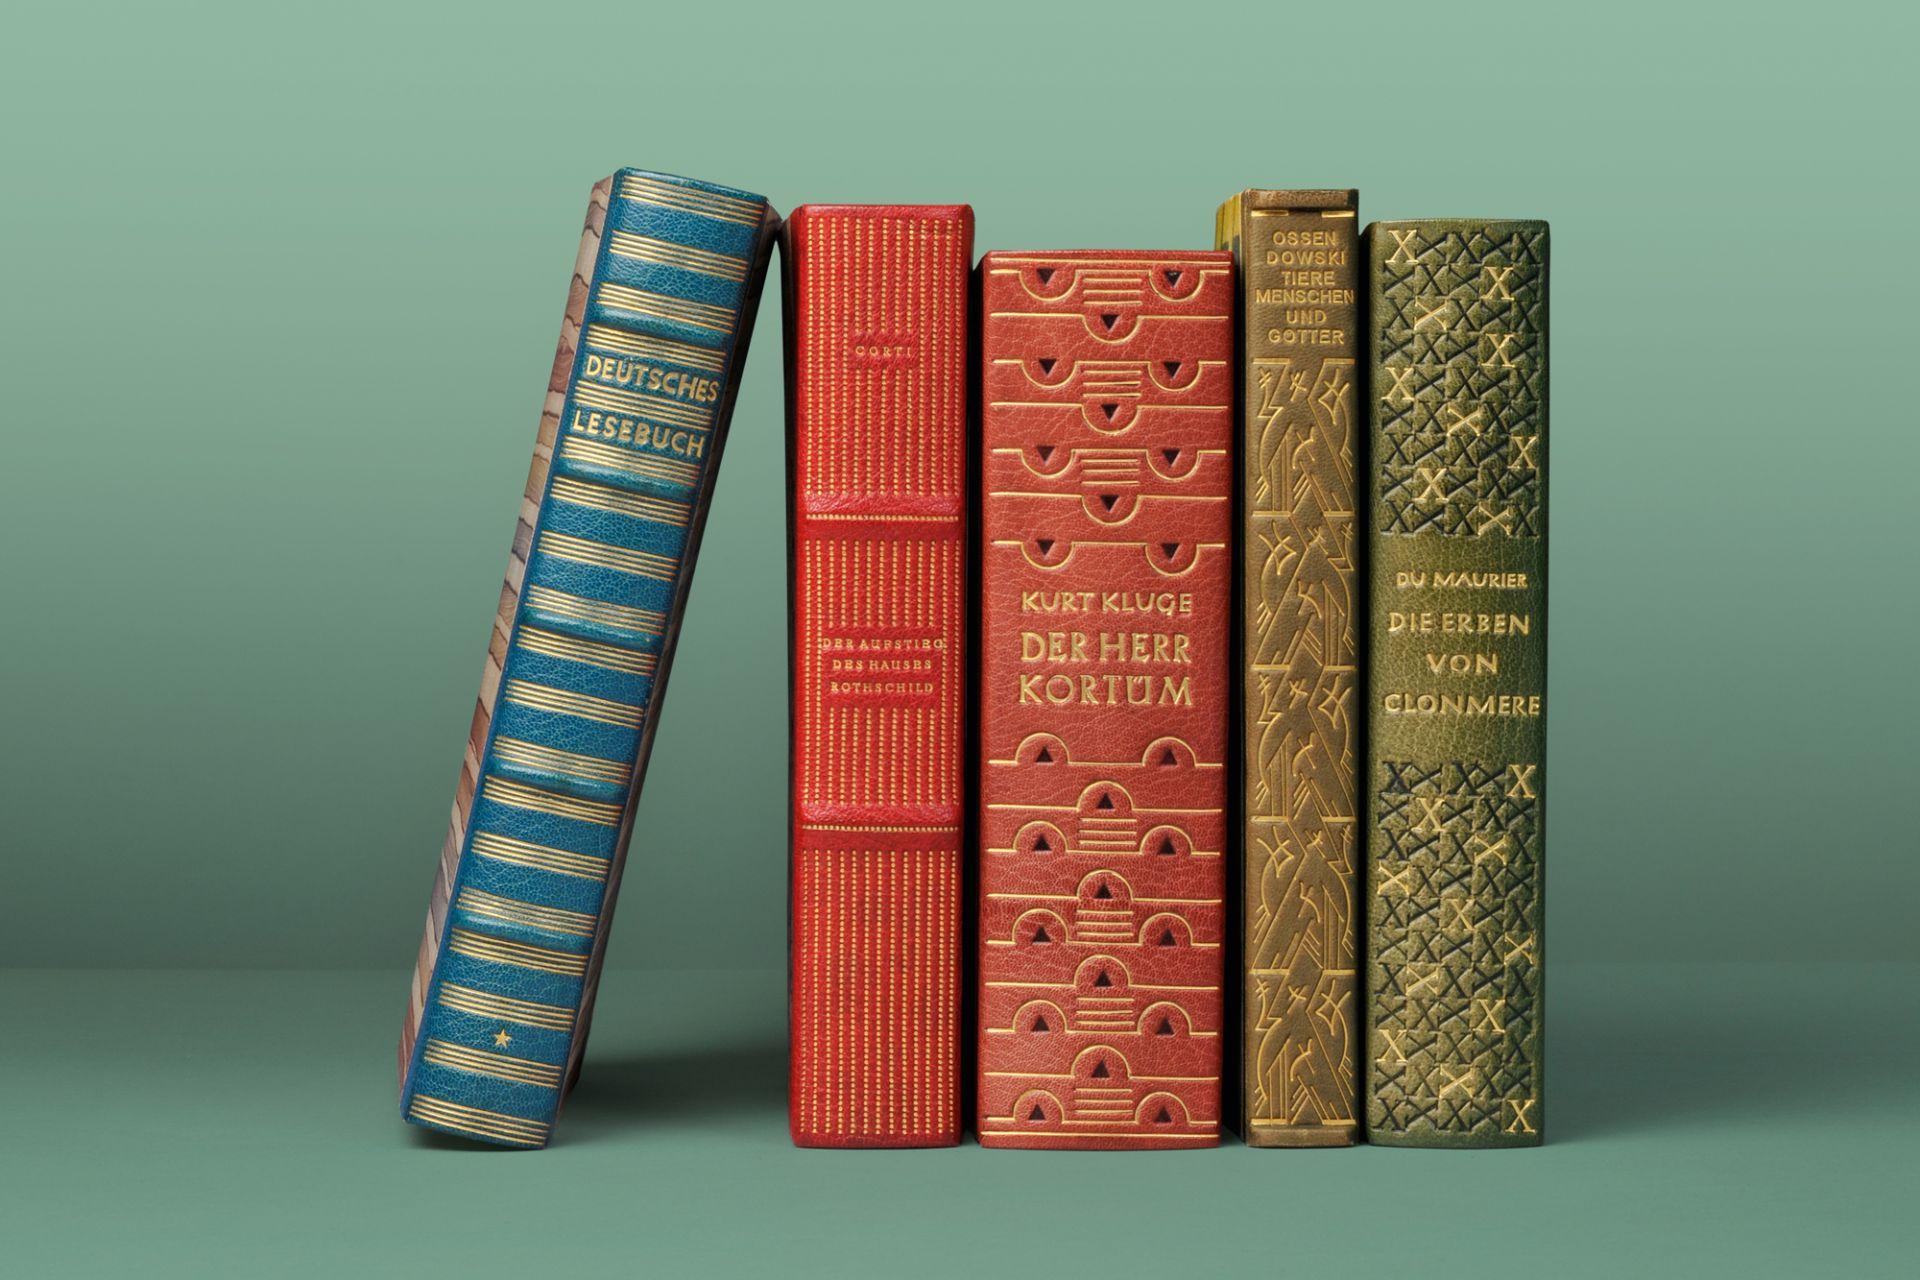 Bucheinbände von Otto Fratzscher, Kunstgewerbeschule Offenbach am Main, 1923–1954